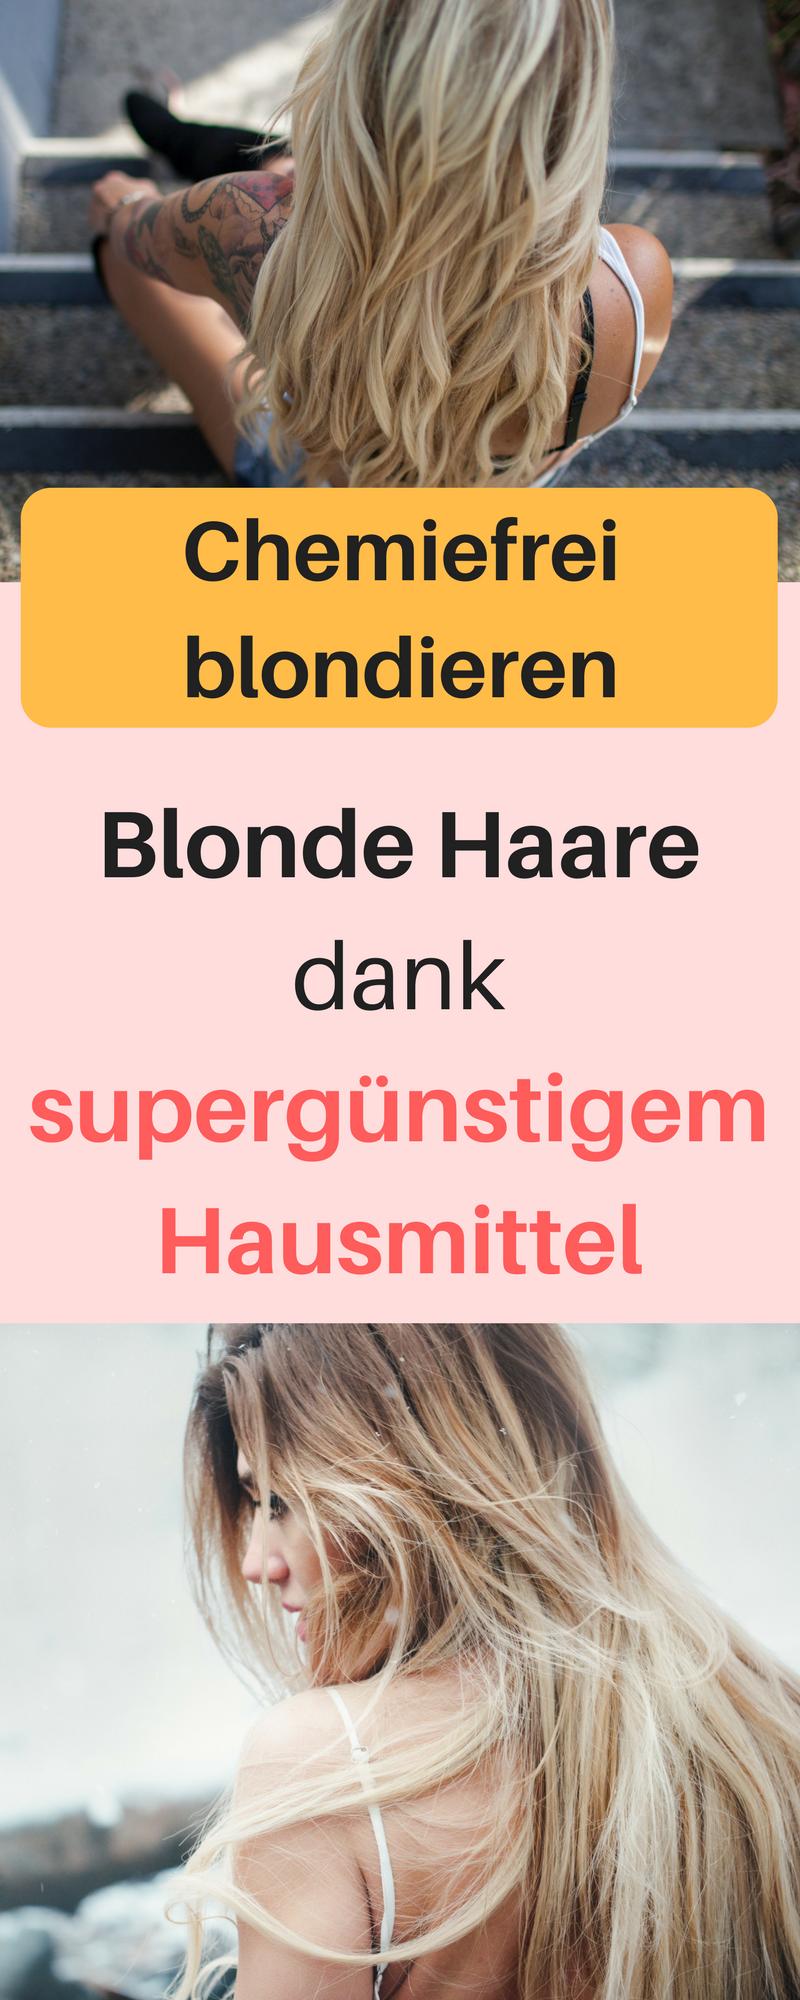 mit dem hausmittel natron kannst du deine haare ganz nat rlich heller bekommen blonde haare. Black Bedroom Furniture Sets. Home Design Ideas